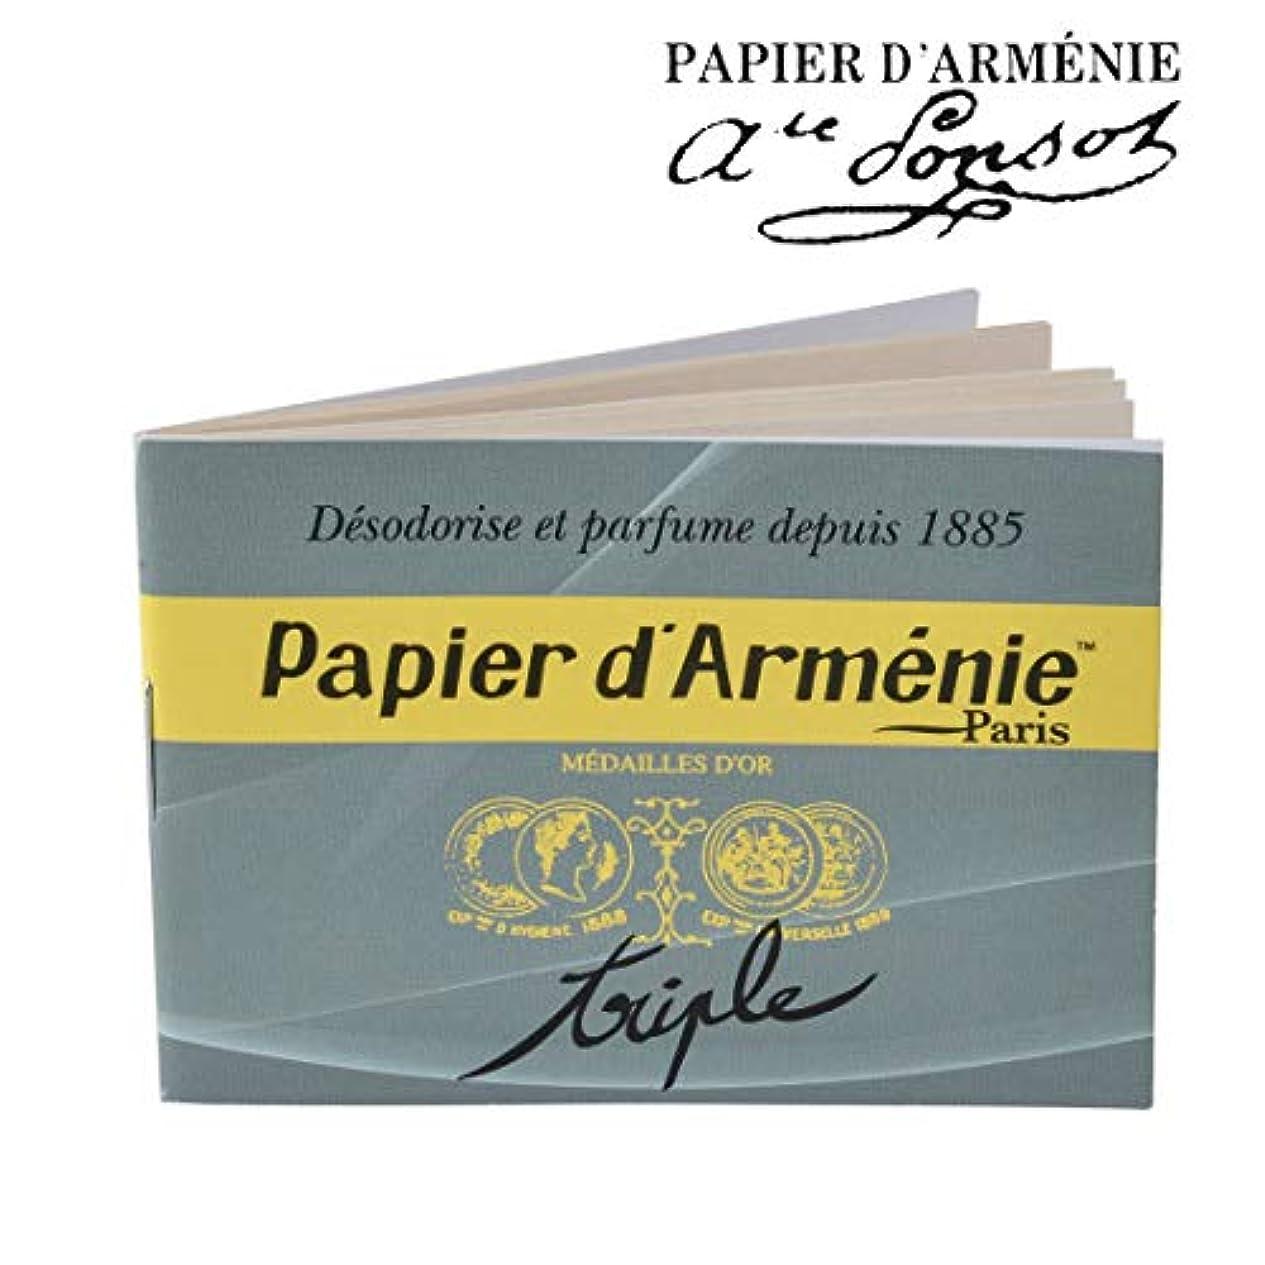 実験をするリーガンセッティングpapier d armenie パピエダルメニイ トリプル